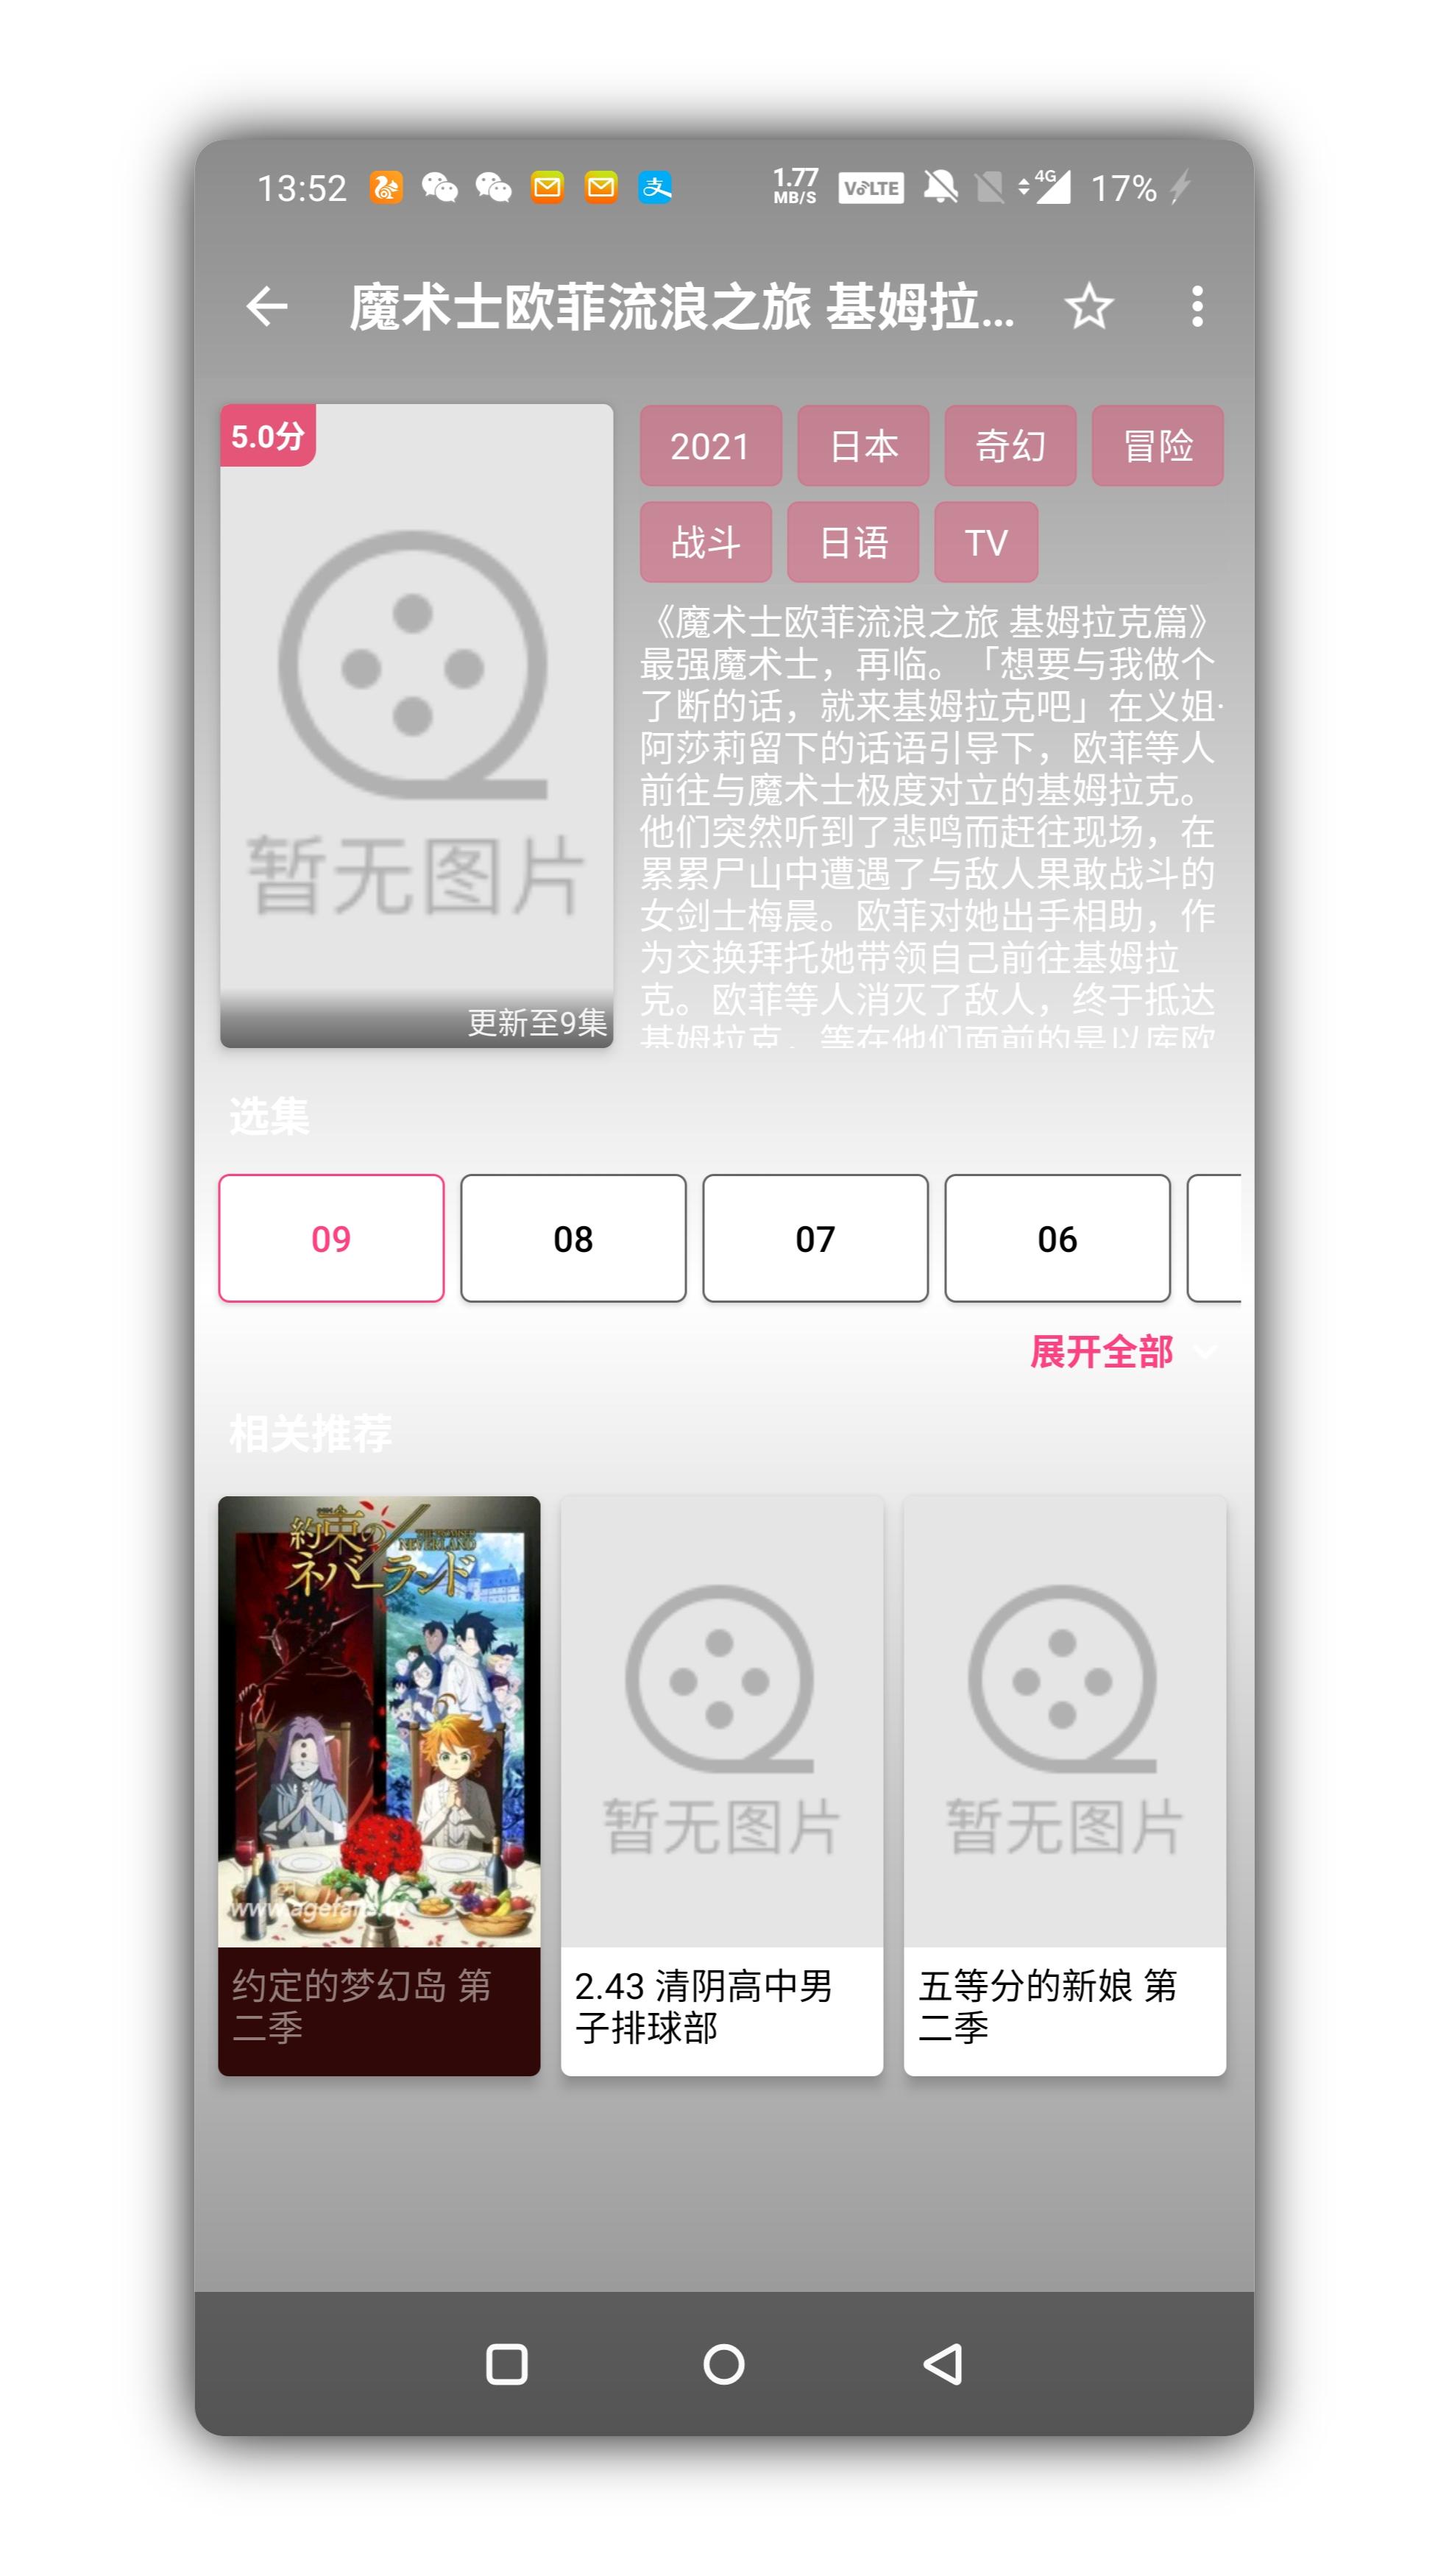 樱花动漫优化版截图2